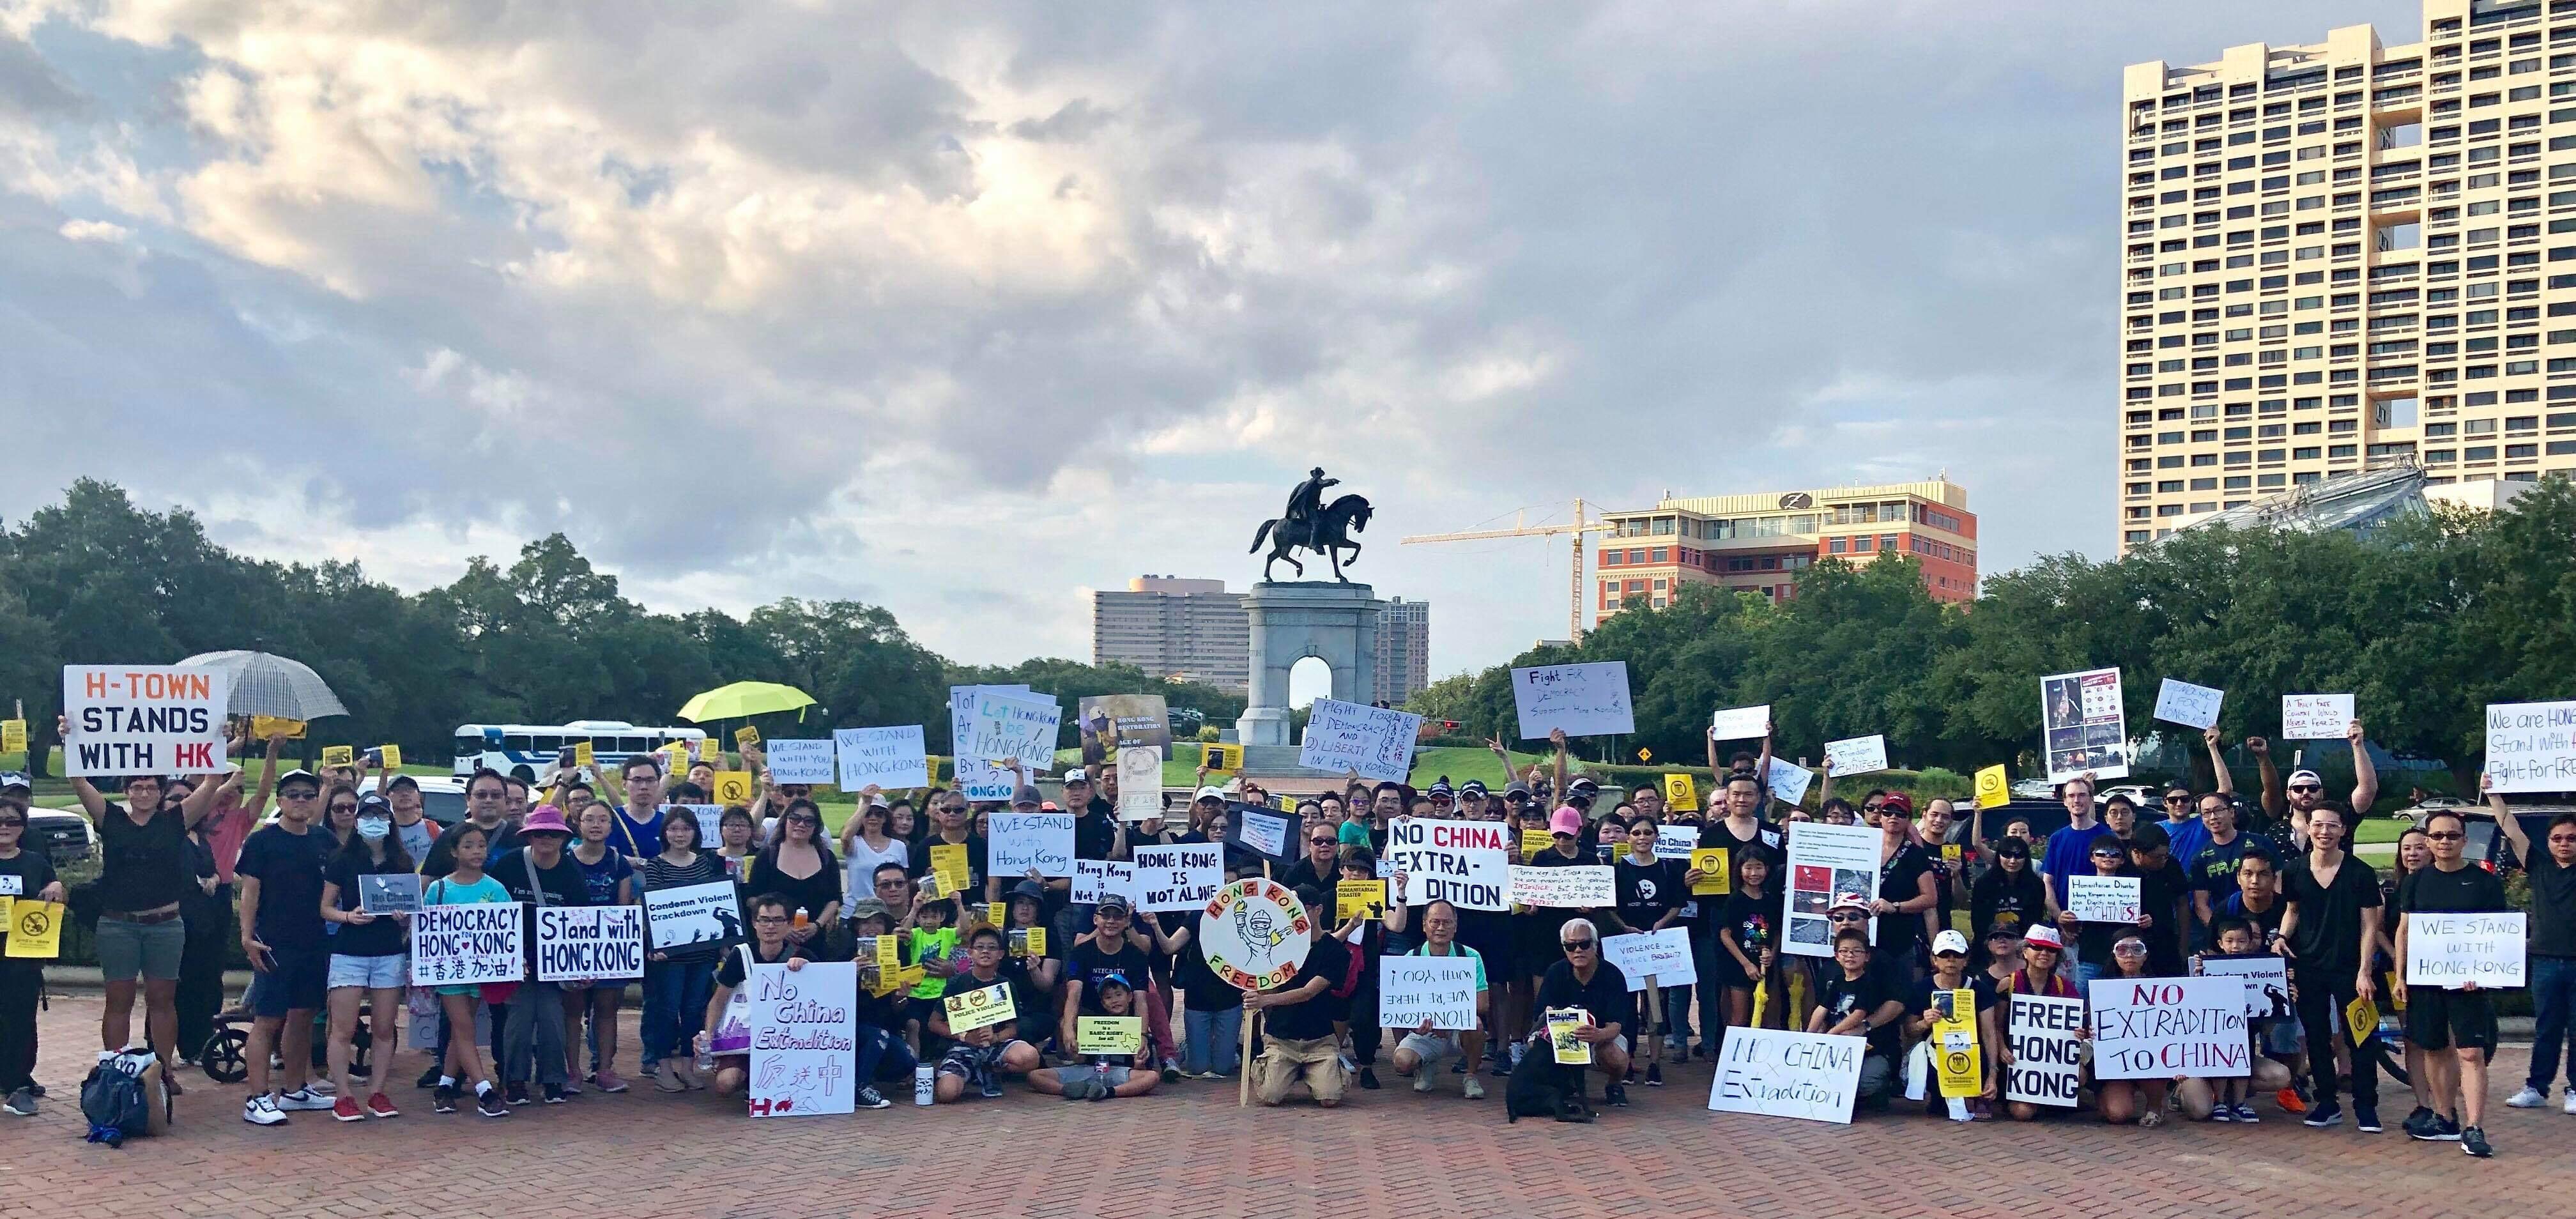 為了支持香港民主運動,休士頓地區聚集了約200人在德州獨立建國第一任總統山姆休士頓雕前和平示威。(劉沖提供)